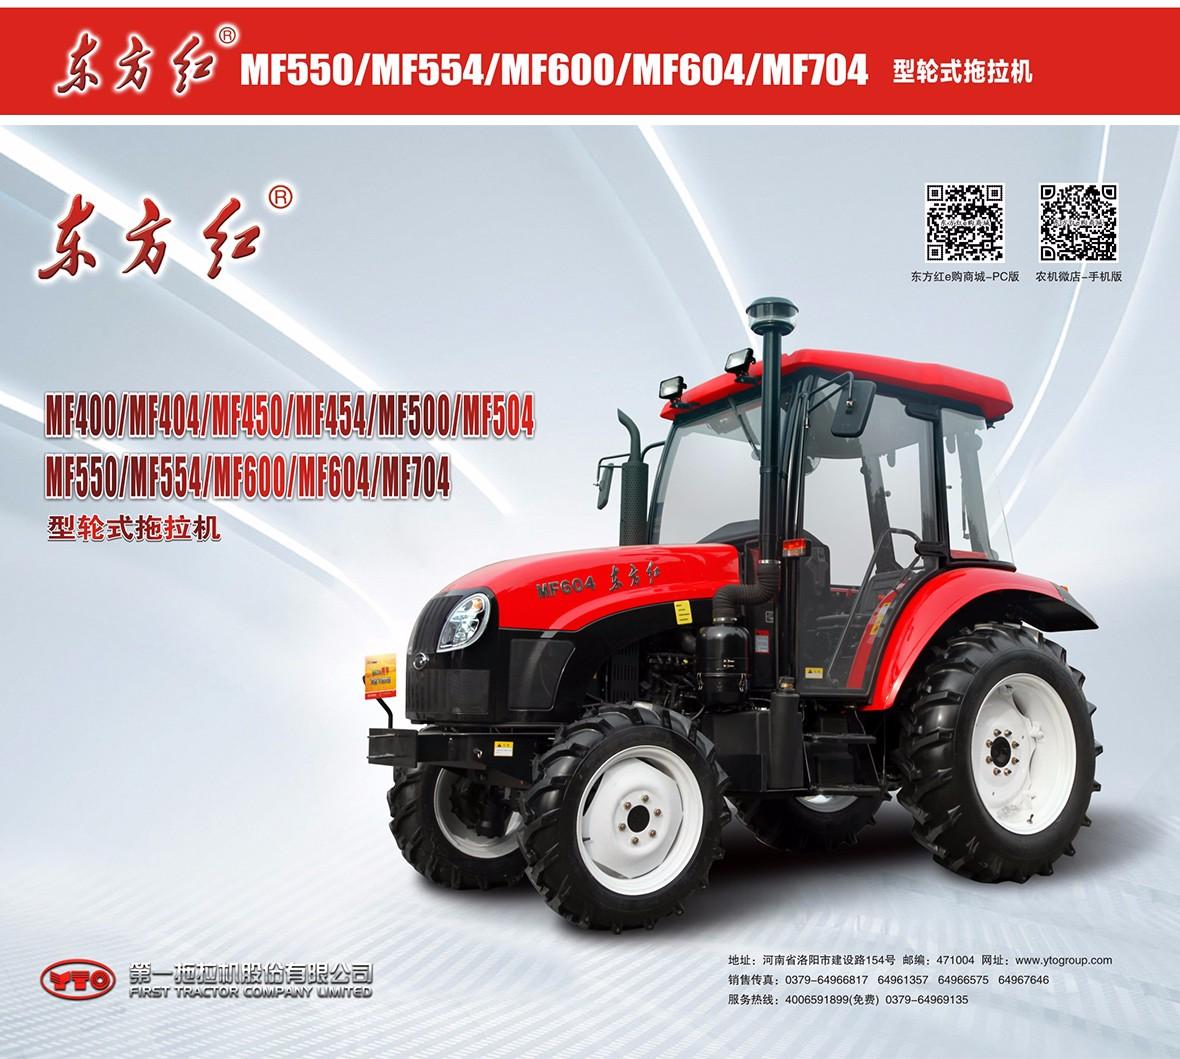 东方红MF604型轮式拖拉机广告